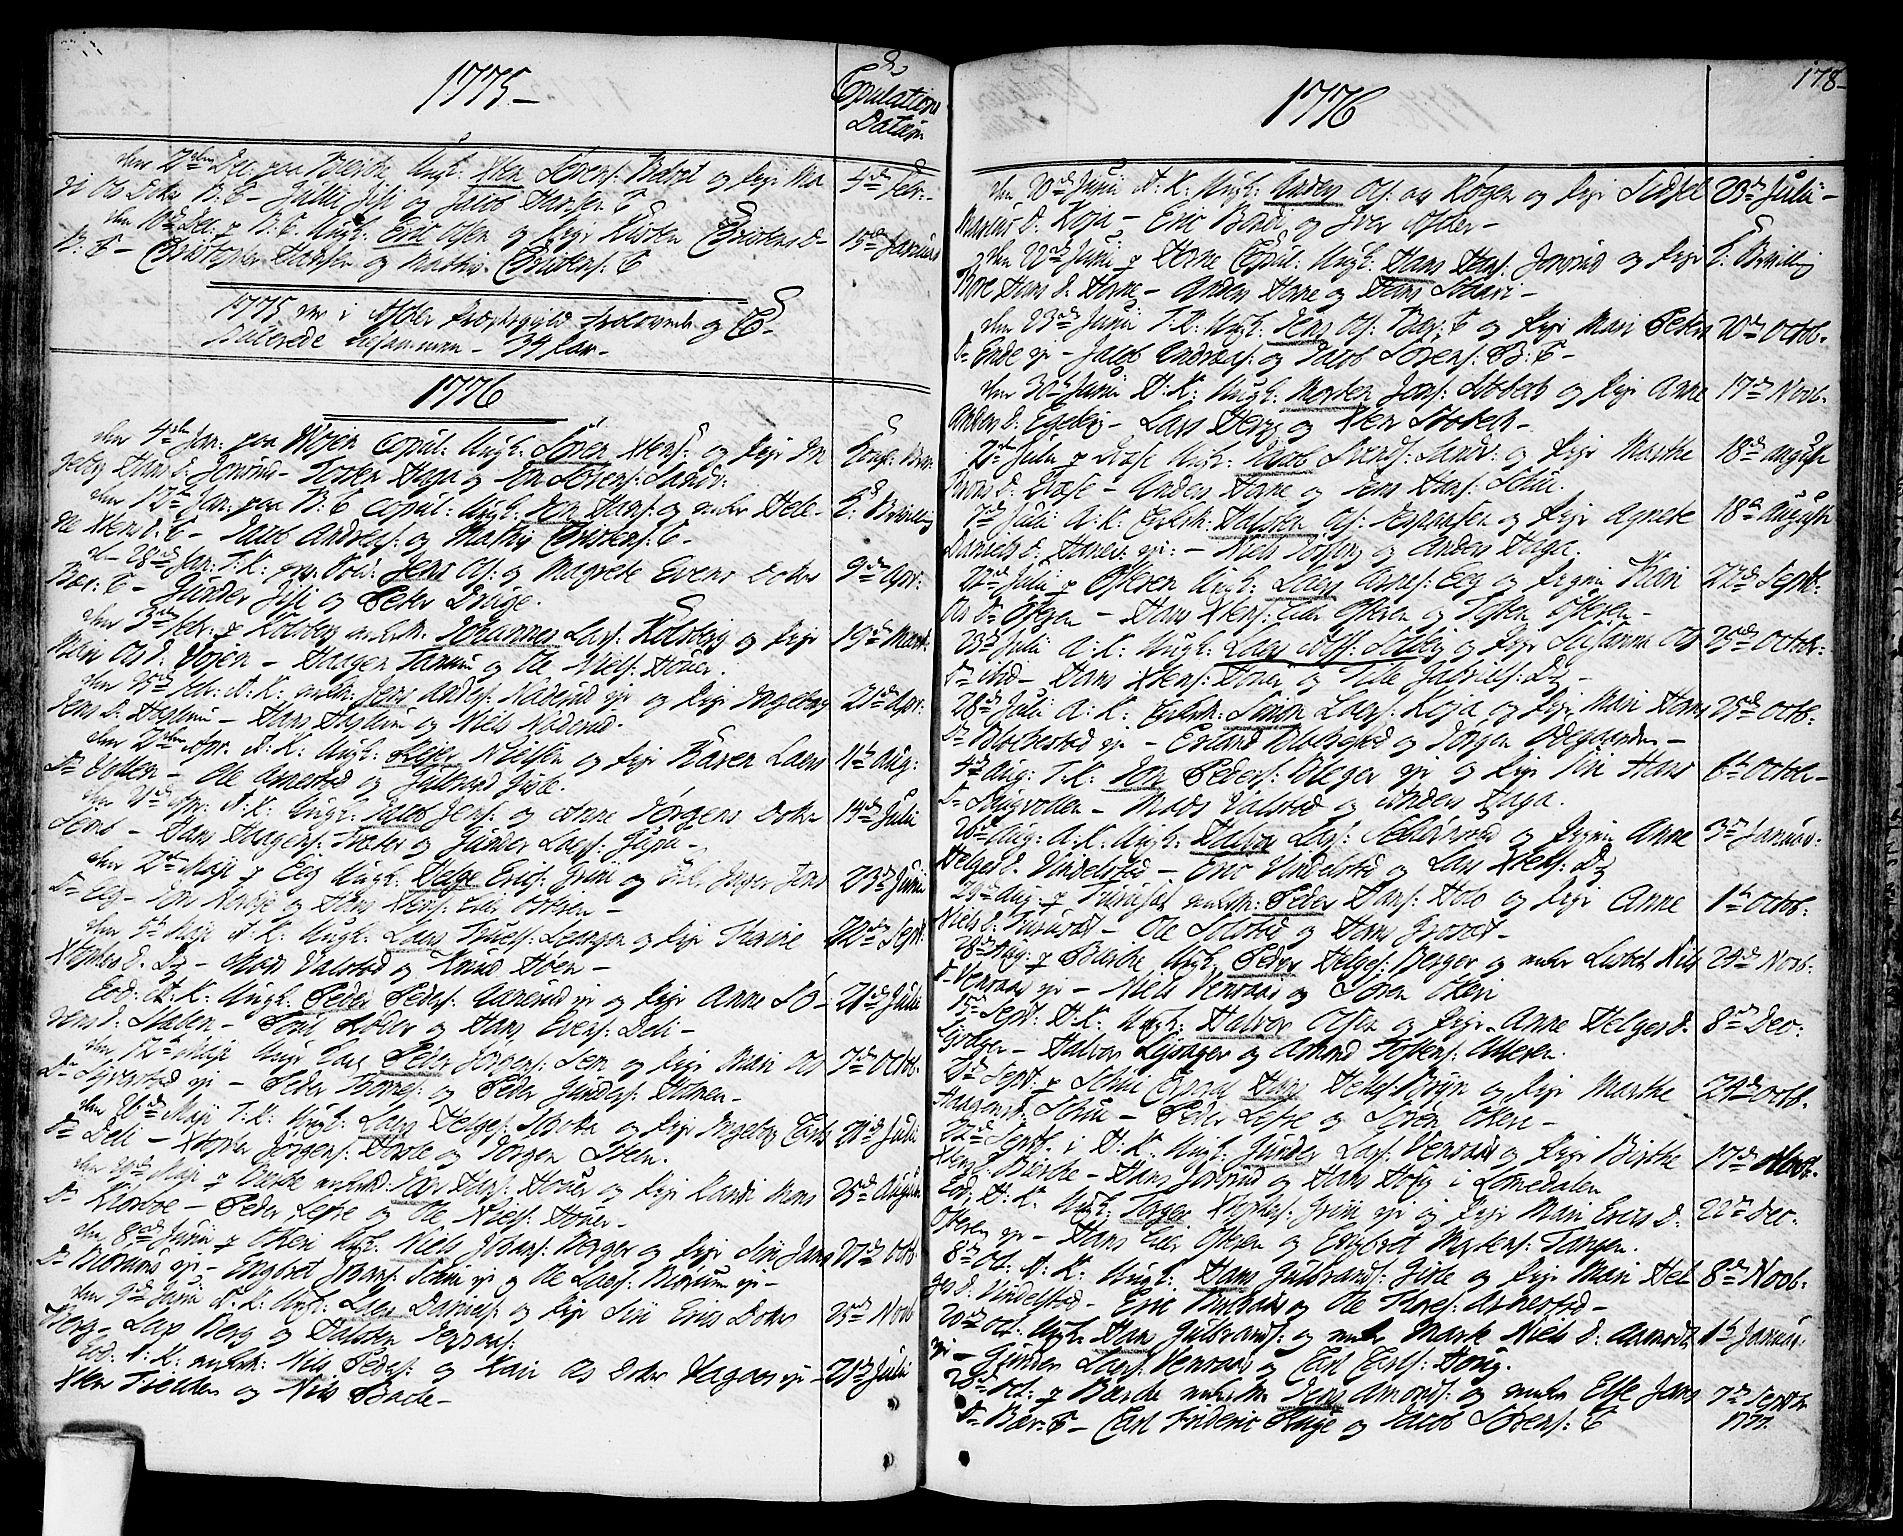 SAO, Asker prestekontor Kirkebøker, F/Fa/L0003: Ministerialbok nr. I 3, 1767-1807, s. 178